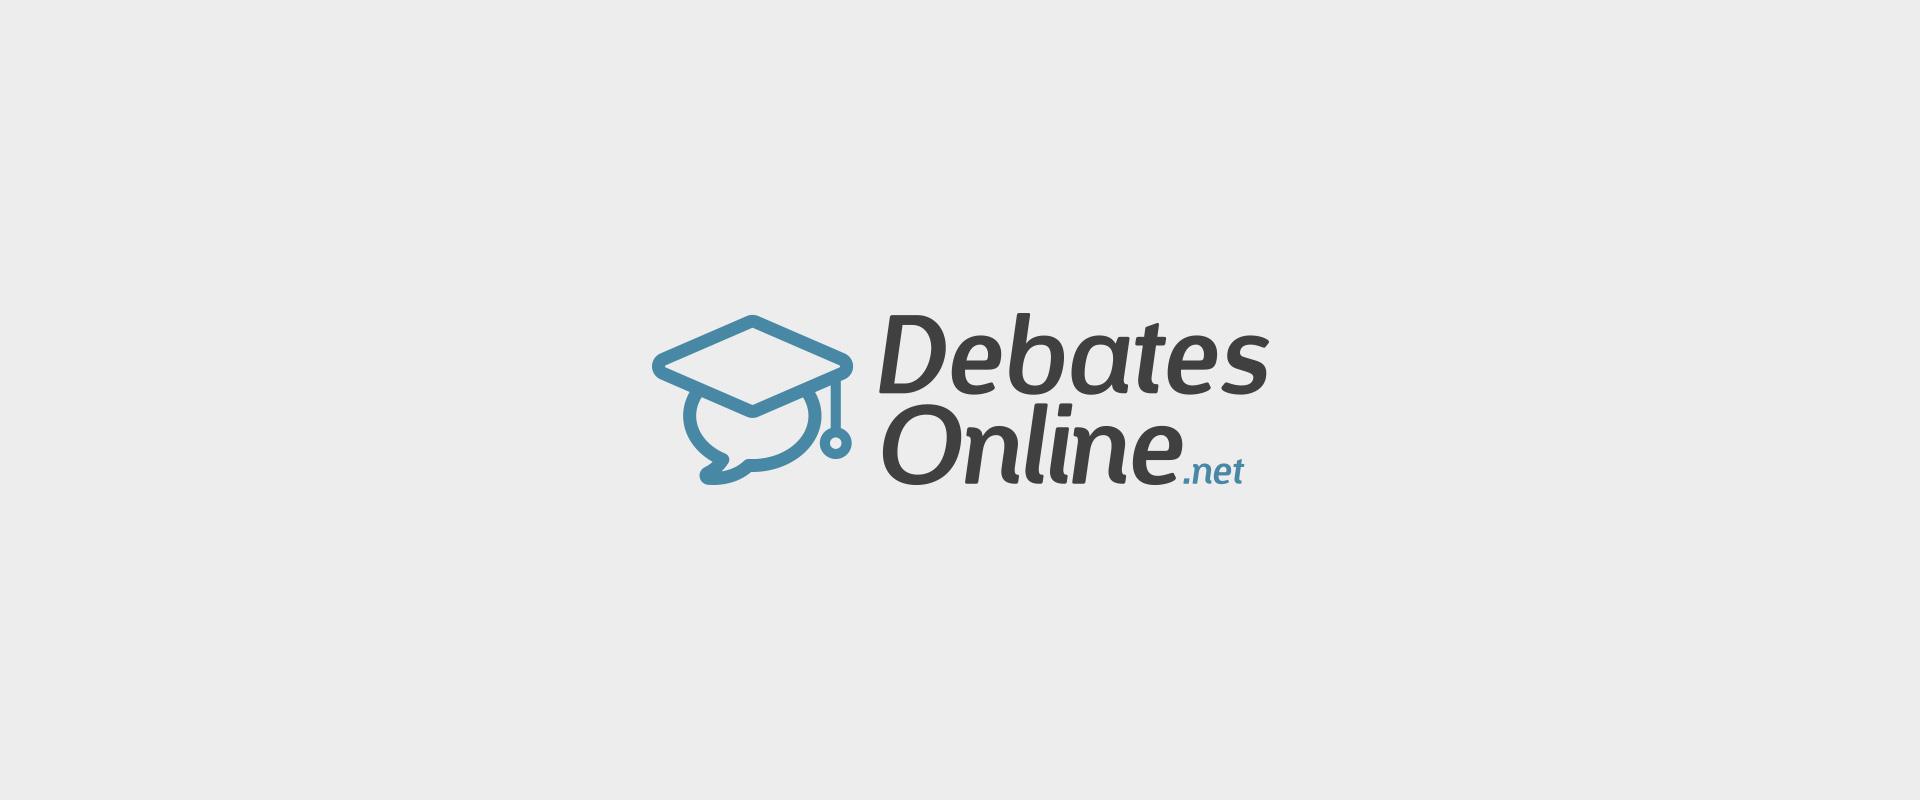 debates-logo-1